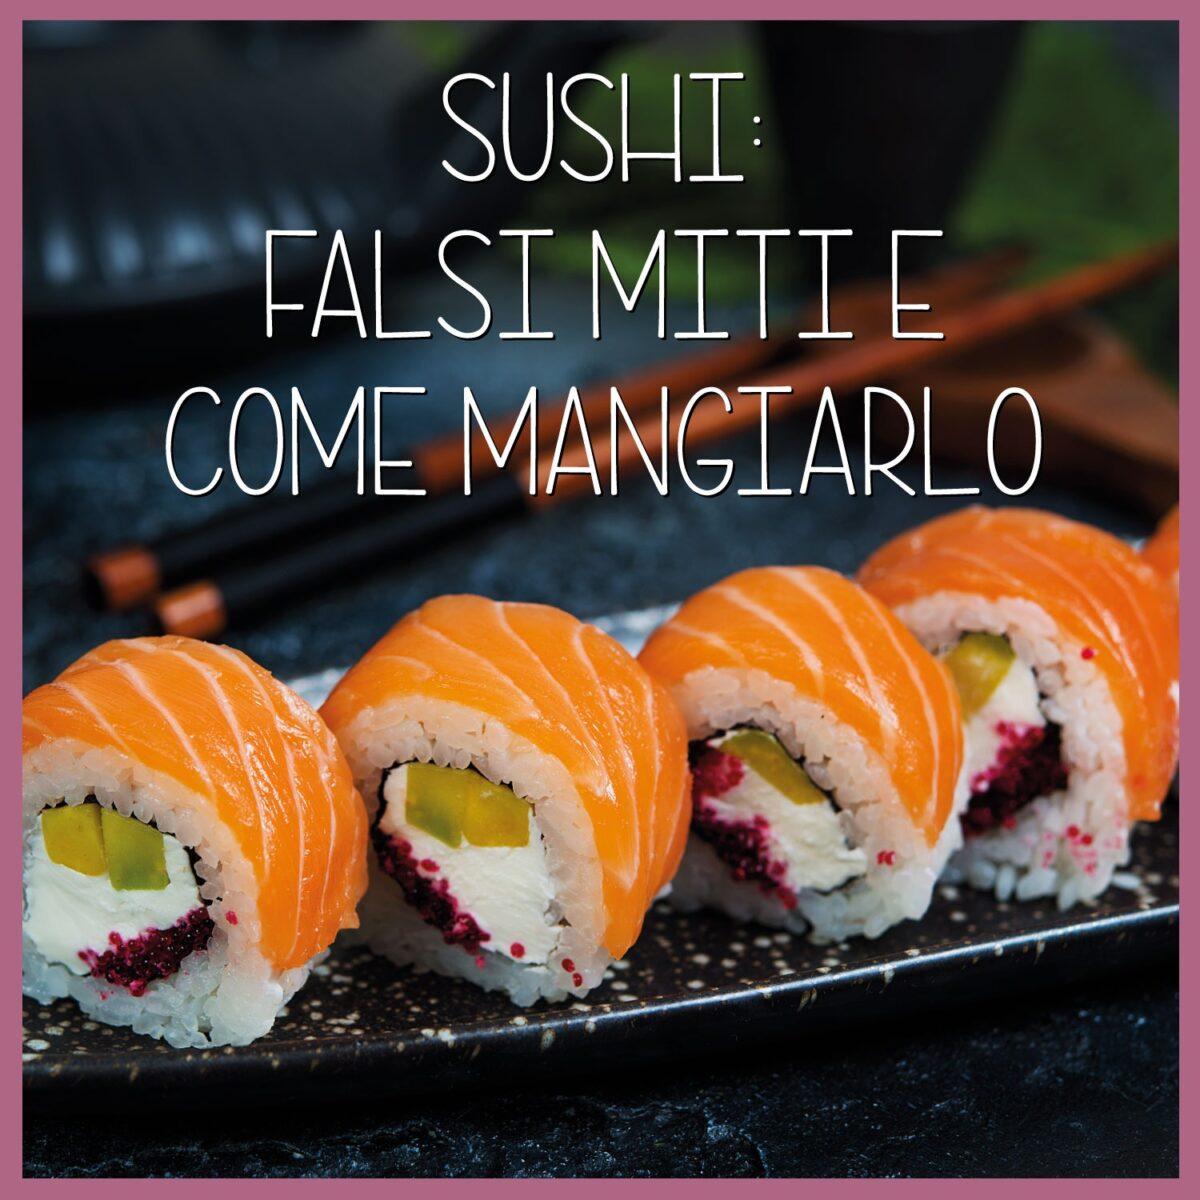 Sushi-falsi-miti-e-come-mangiarlo--1200x1200.jpeg